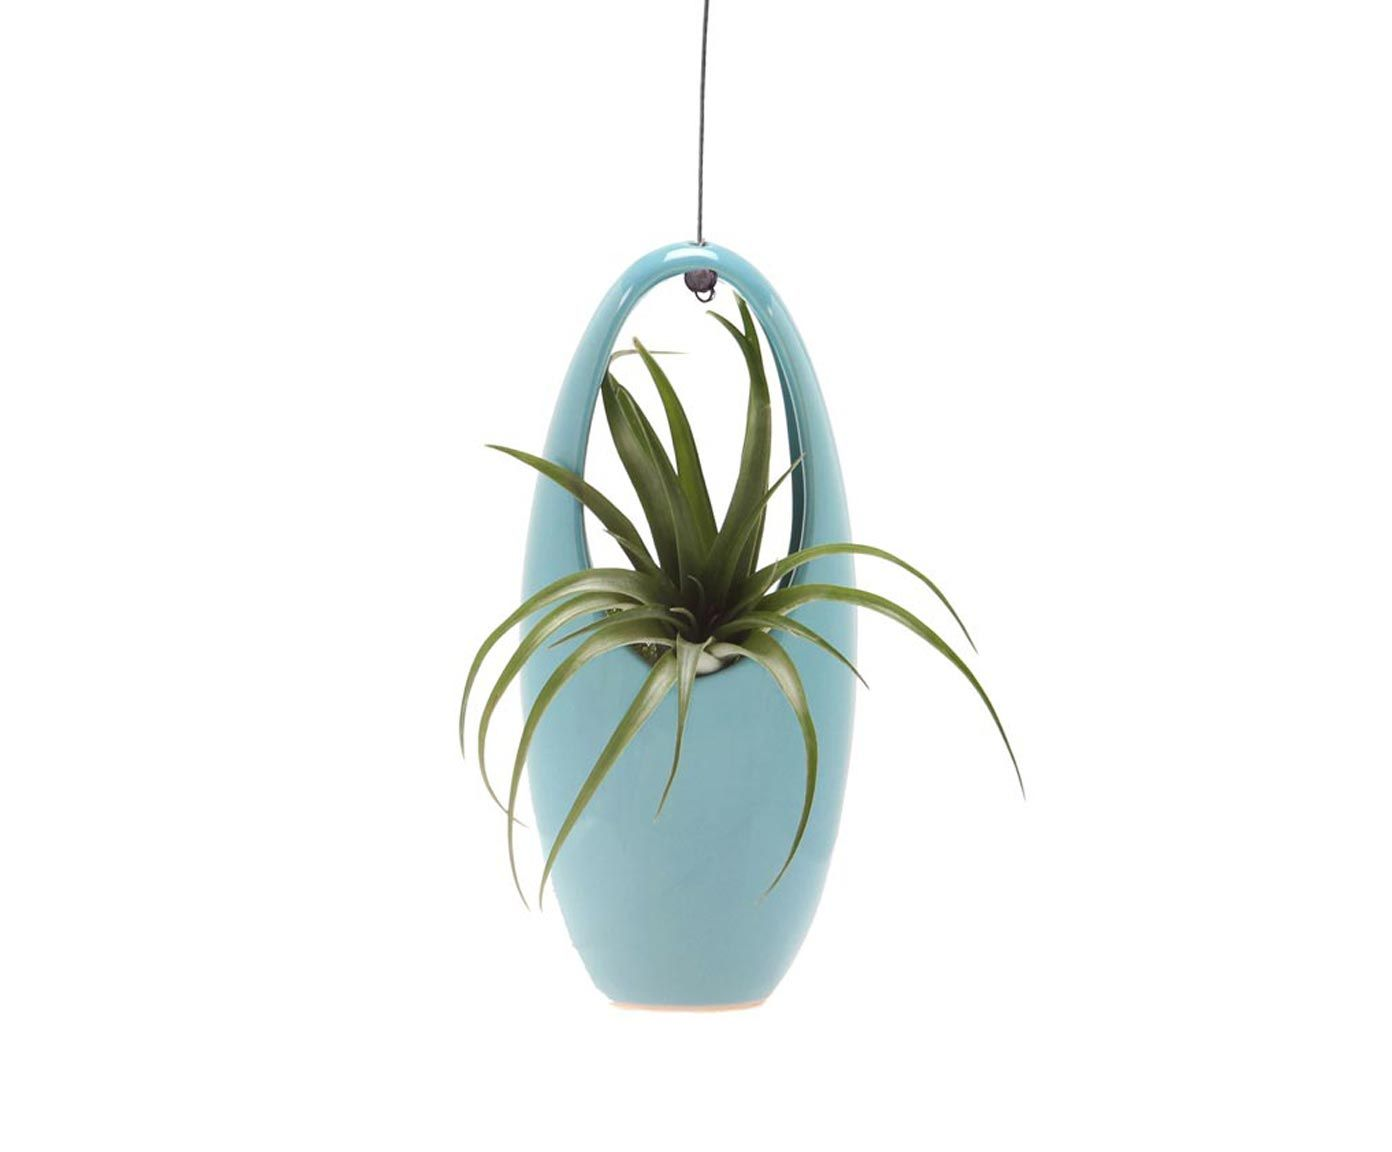 Hangende bloempot Aerium Egg, lichtblauw | Dalani Home & Living